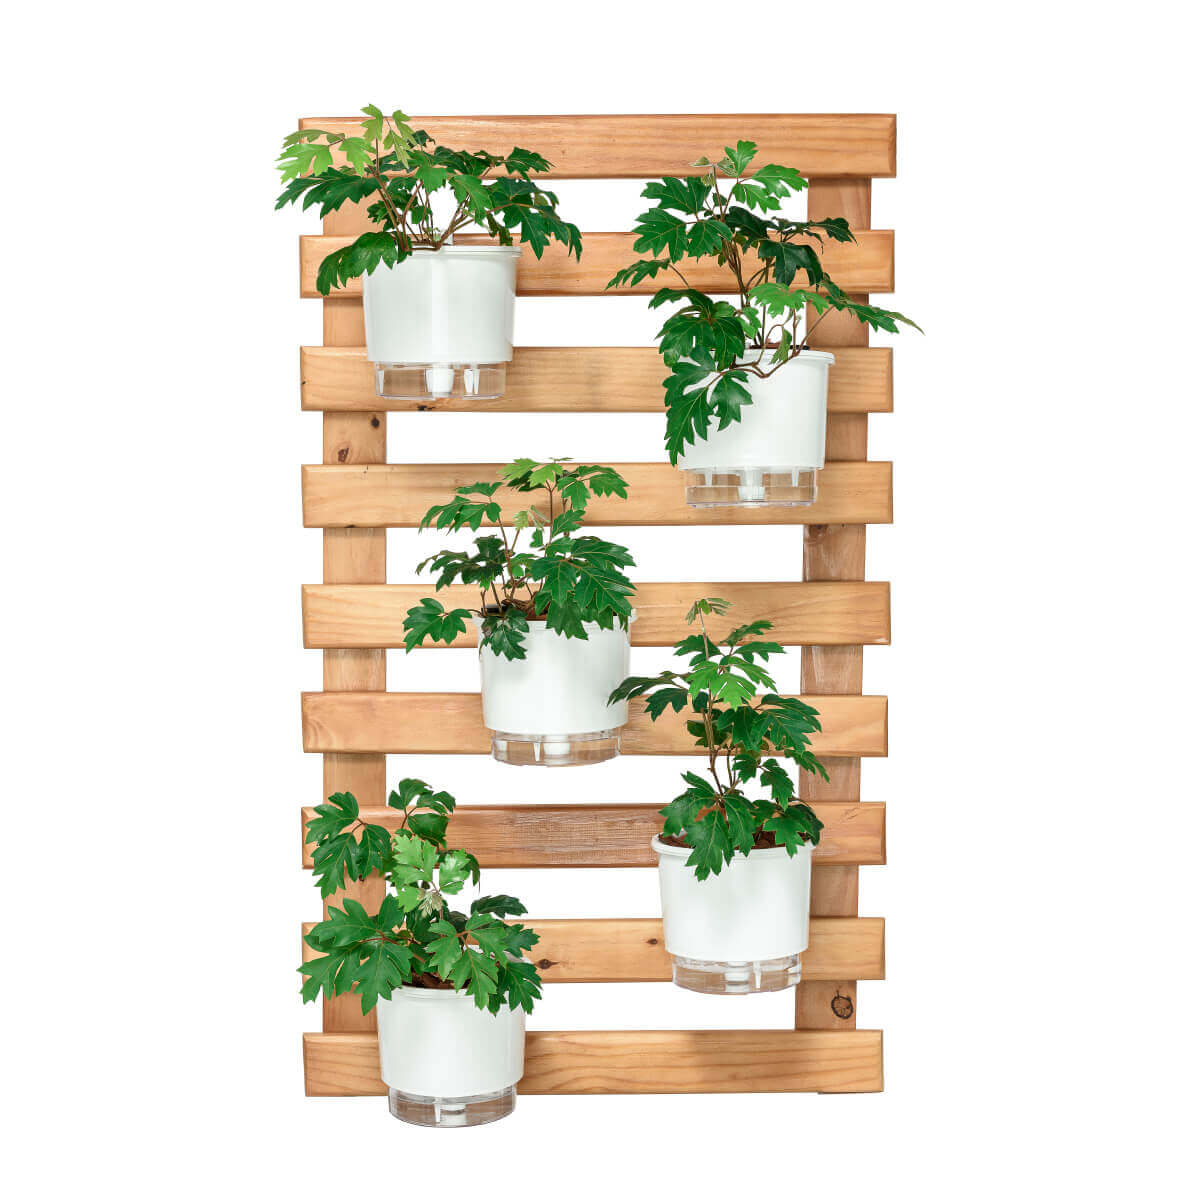 Horta Vertical Caramelo 60cm x 100cm, 5 Vasos e Suporte Preto  - Loja Raiz